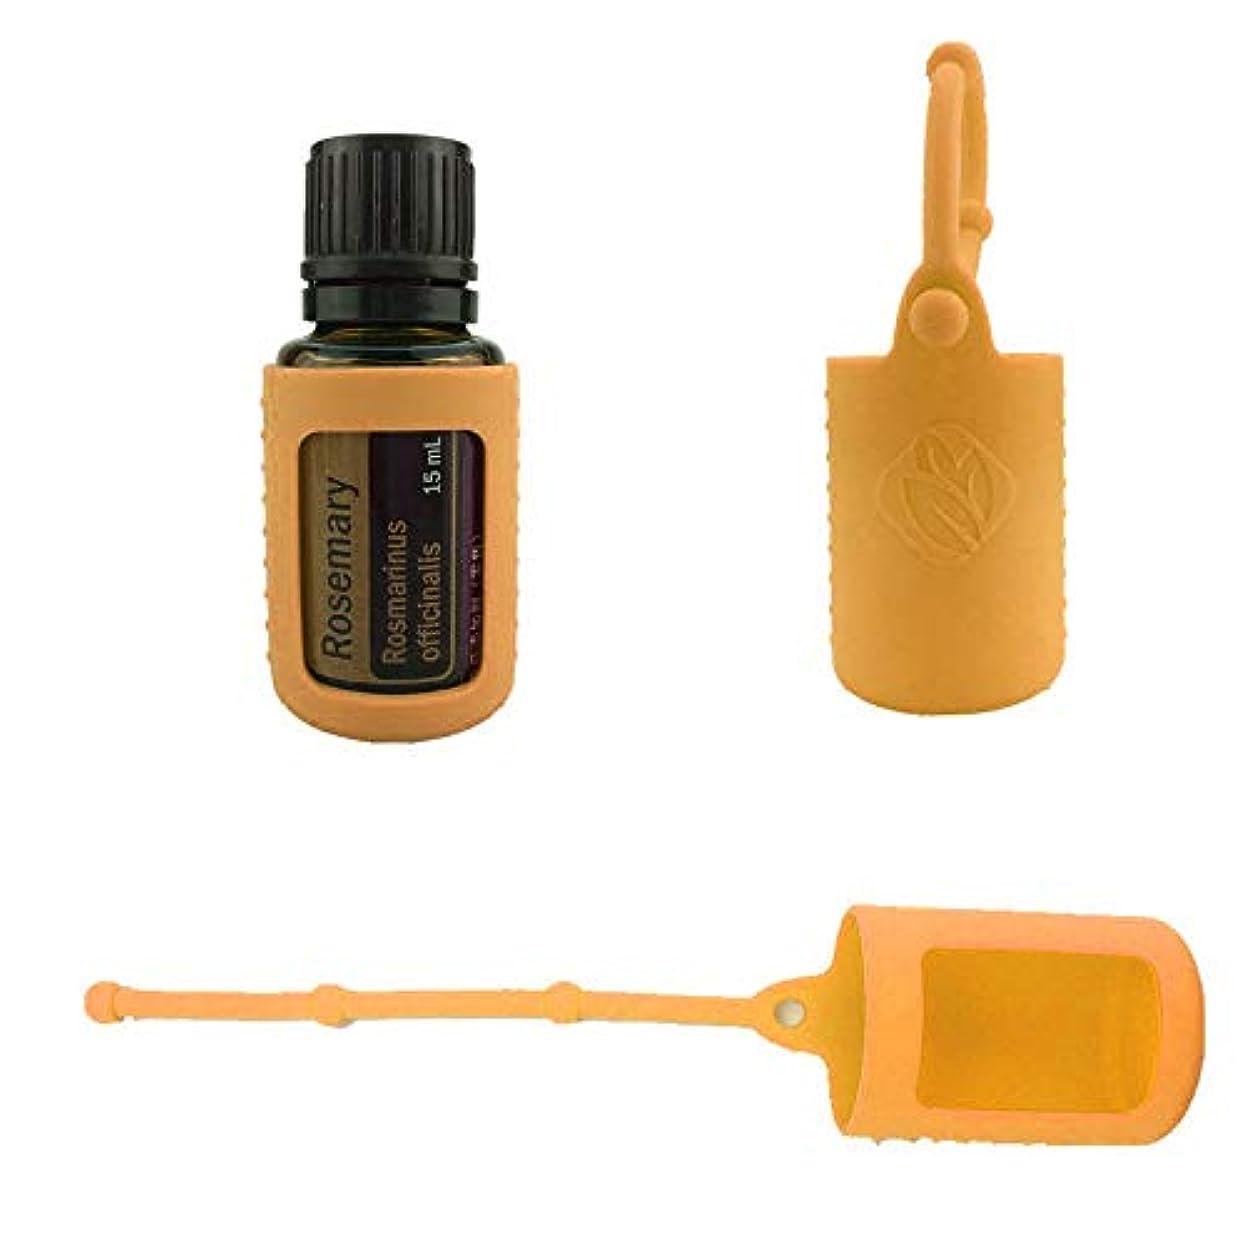 言及する真鍮ポーター6パック熱望オイルボトルシリコンローラーボトルホルダースリーブエッセンシャルオイルボトル保護カバーケースハングロープ - オレンジ - 6-pcs 15ml